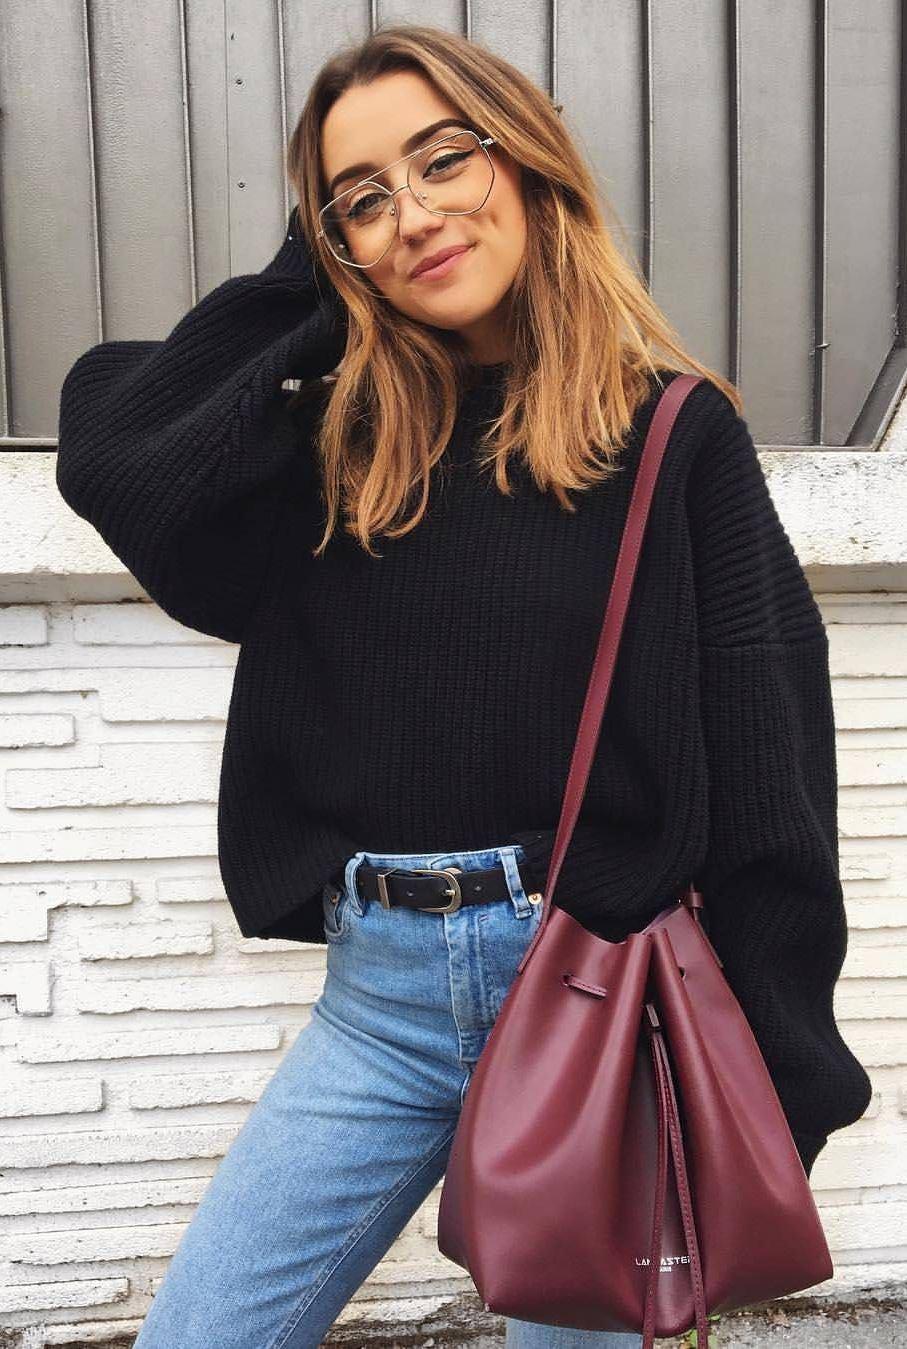 Cute Fall Outfit Idea 2018